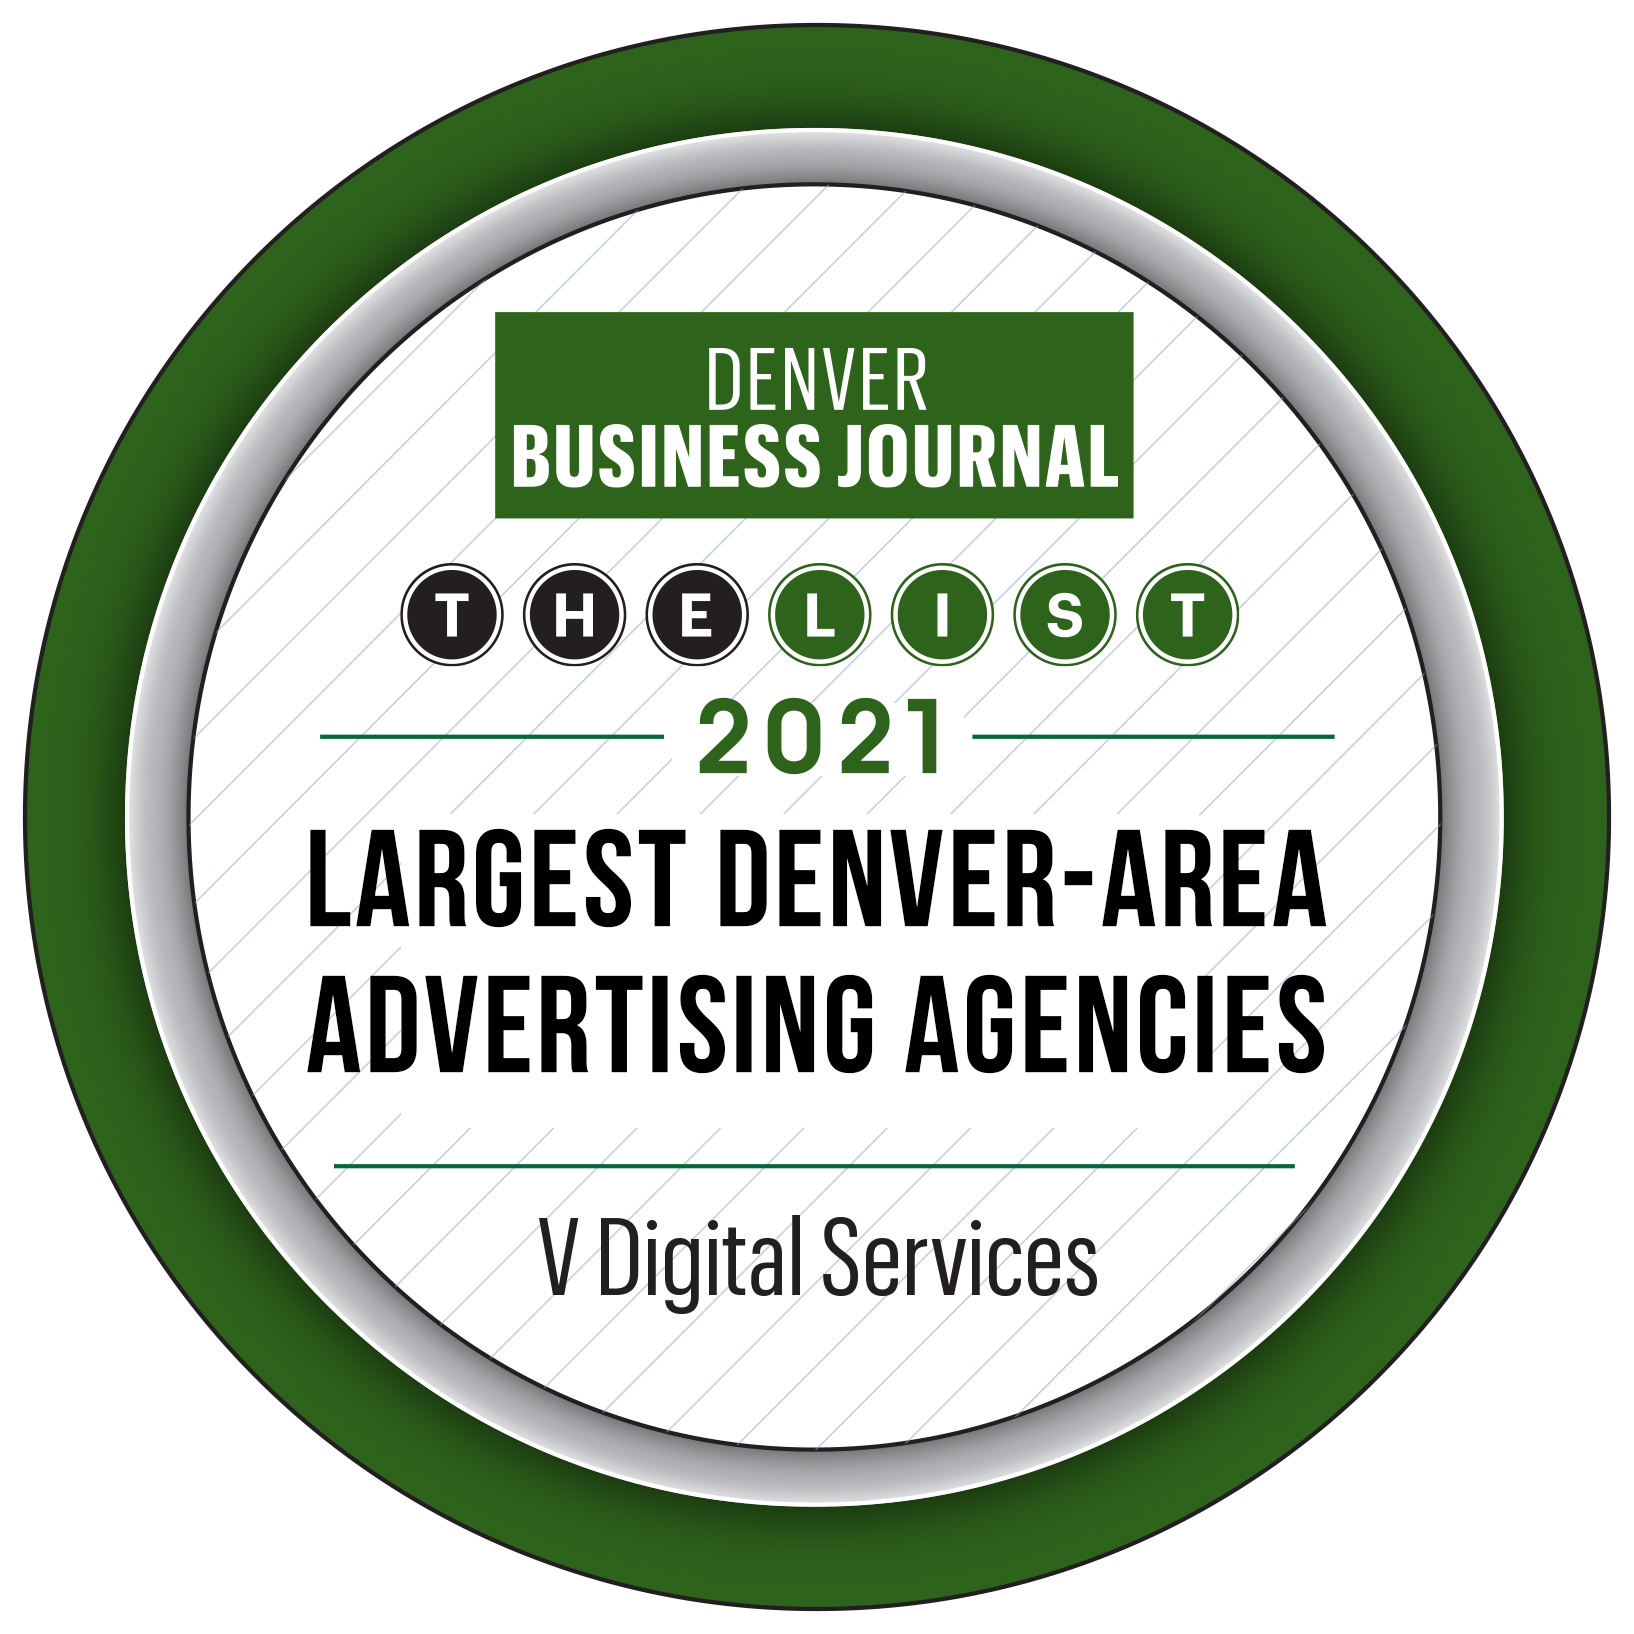 denver-business-journal-2021.png